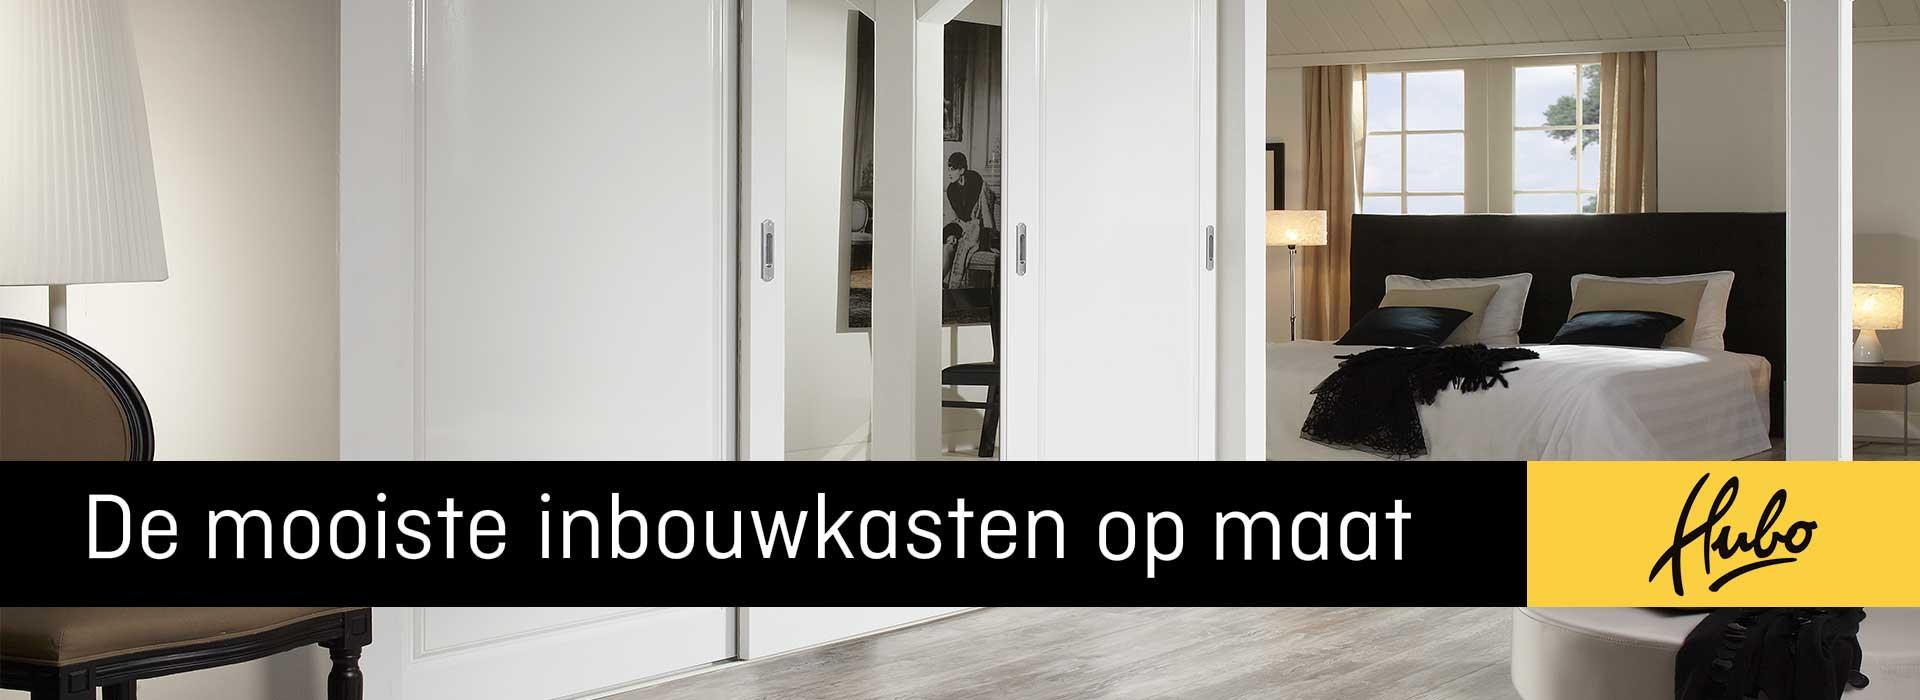 Schuifdeuren Op Maat Hubo.Inbouwkasten Schuifdeuren Hubo Den Haag